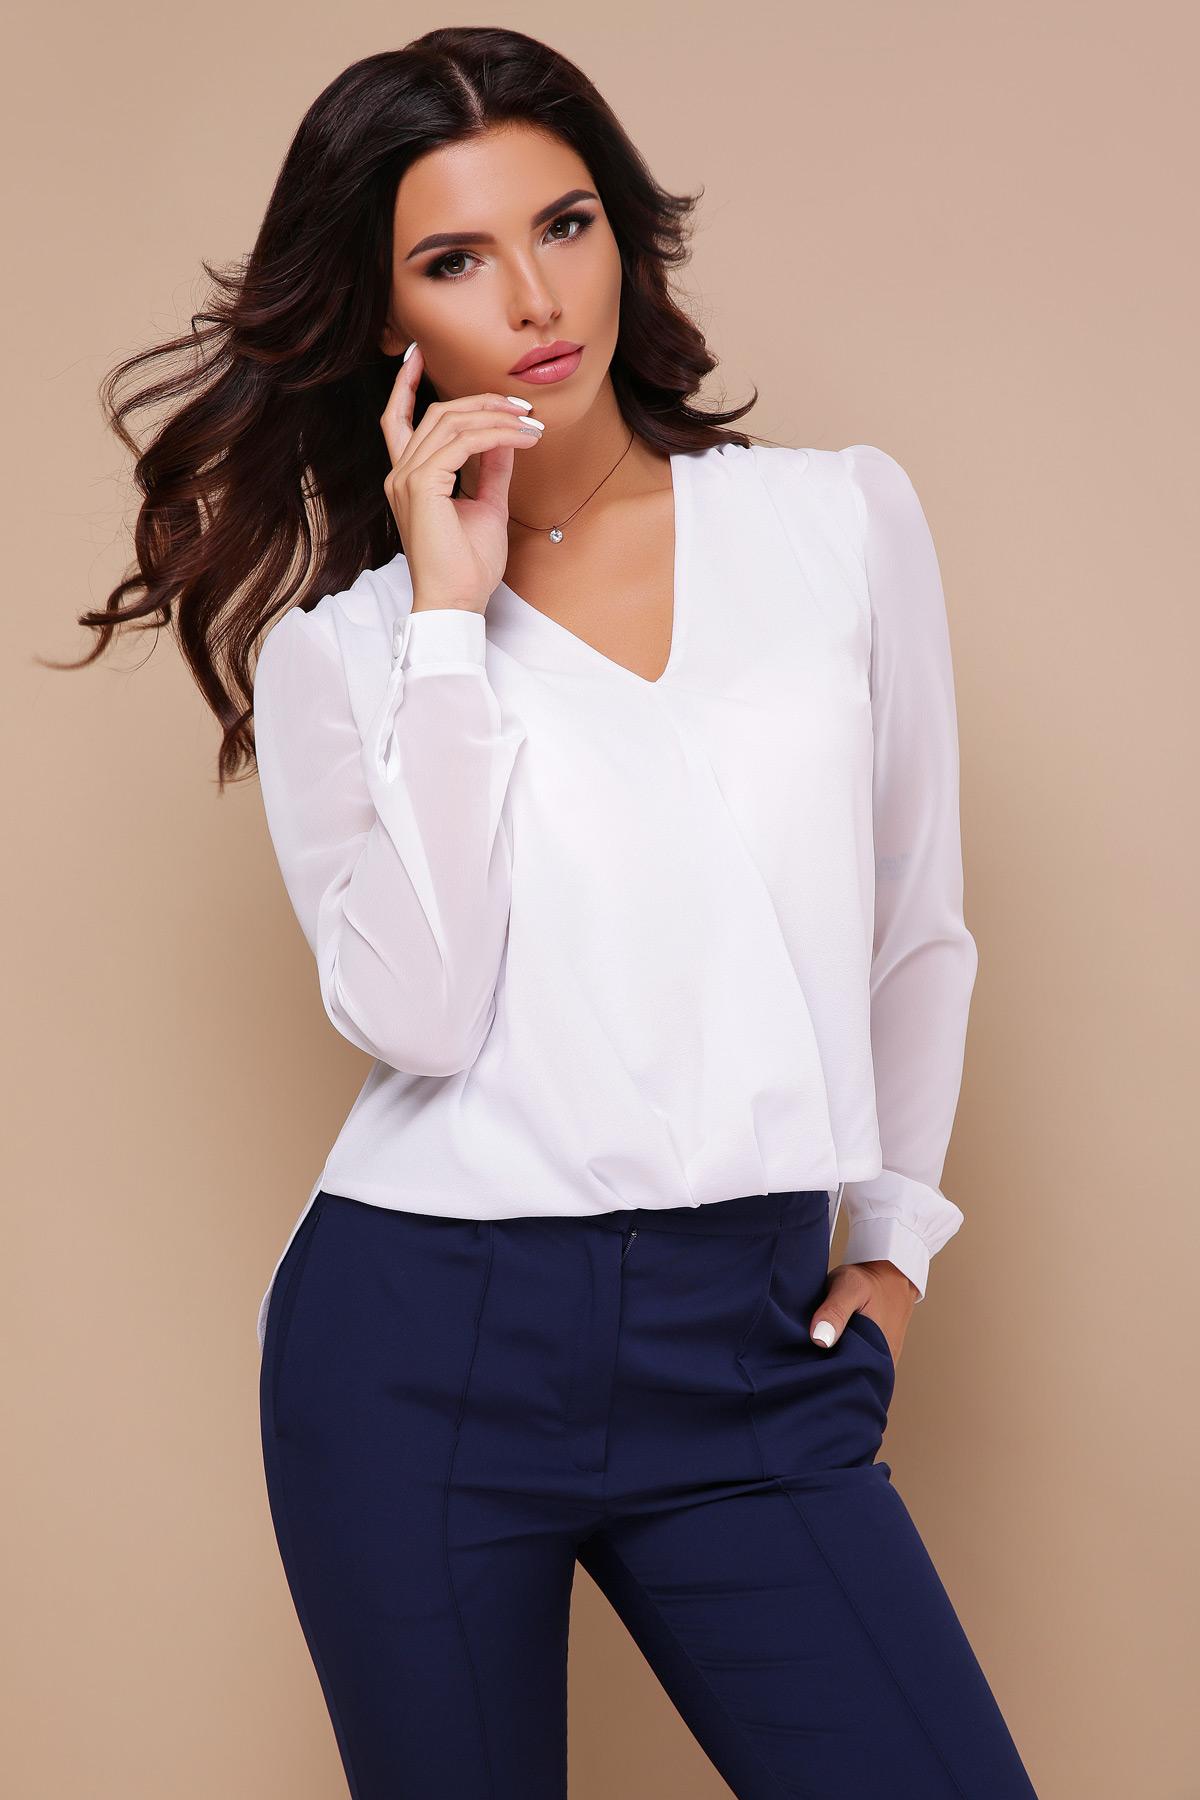 3f7c910cb748 черная блузка с кружевом. блуза Айлин д р. Цвет  белый